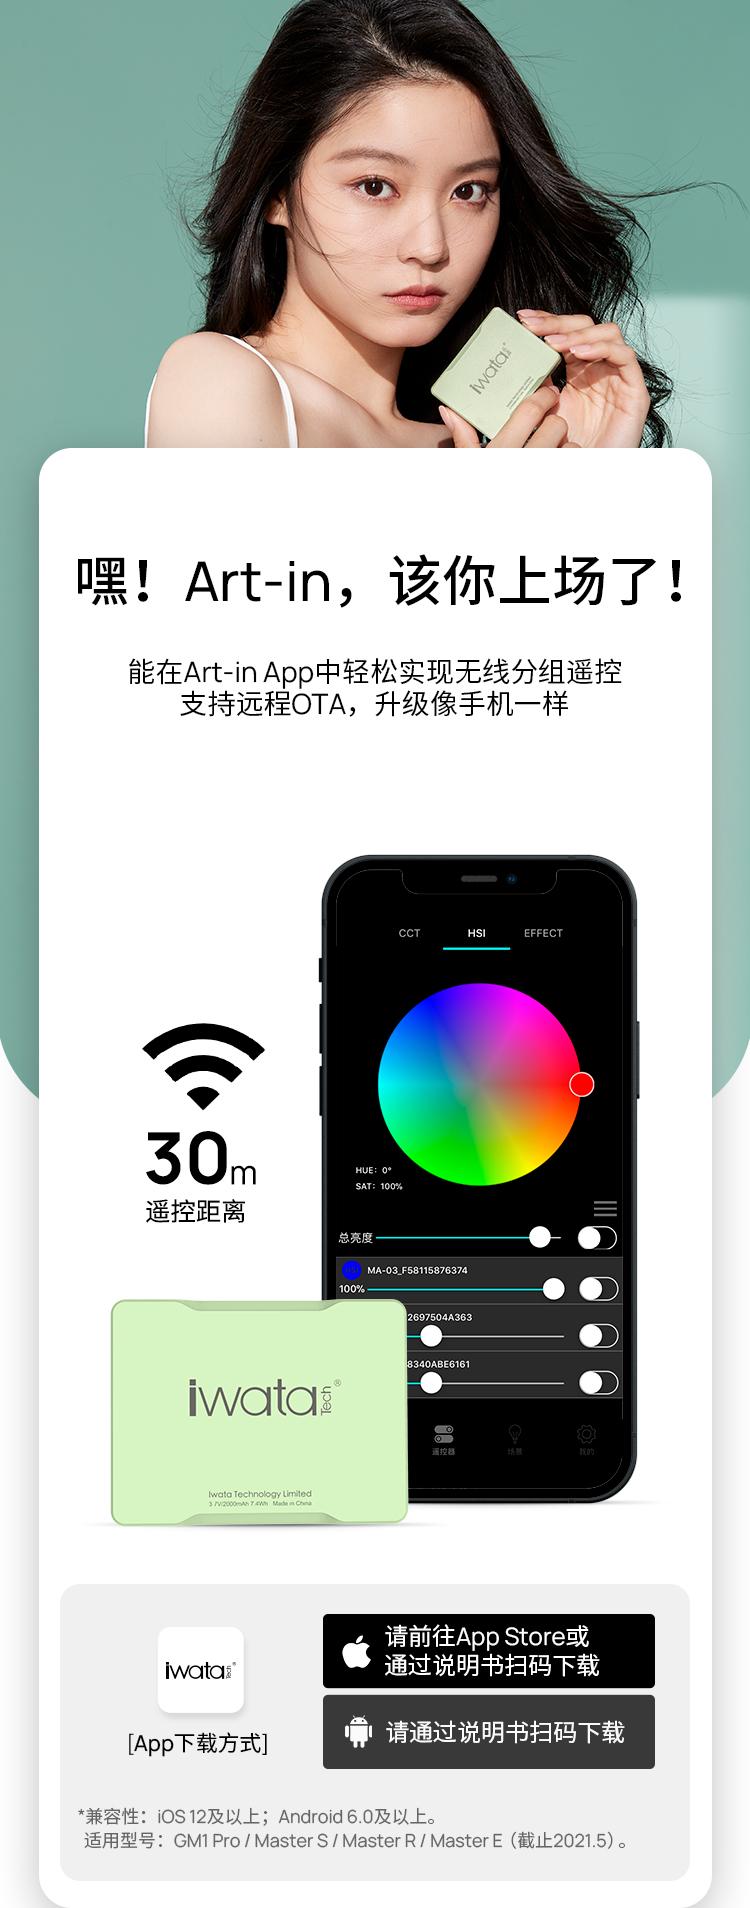 iwata-genius-m1-pro-14.jpg